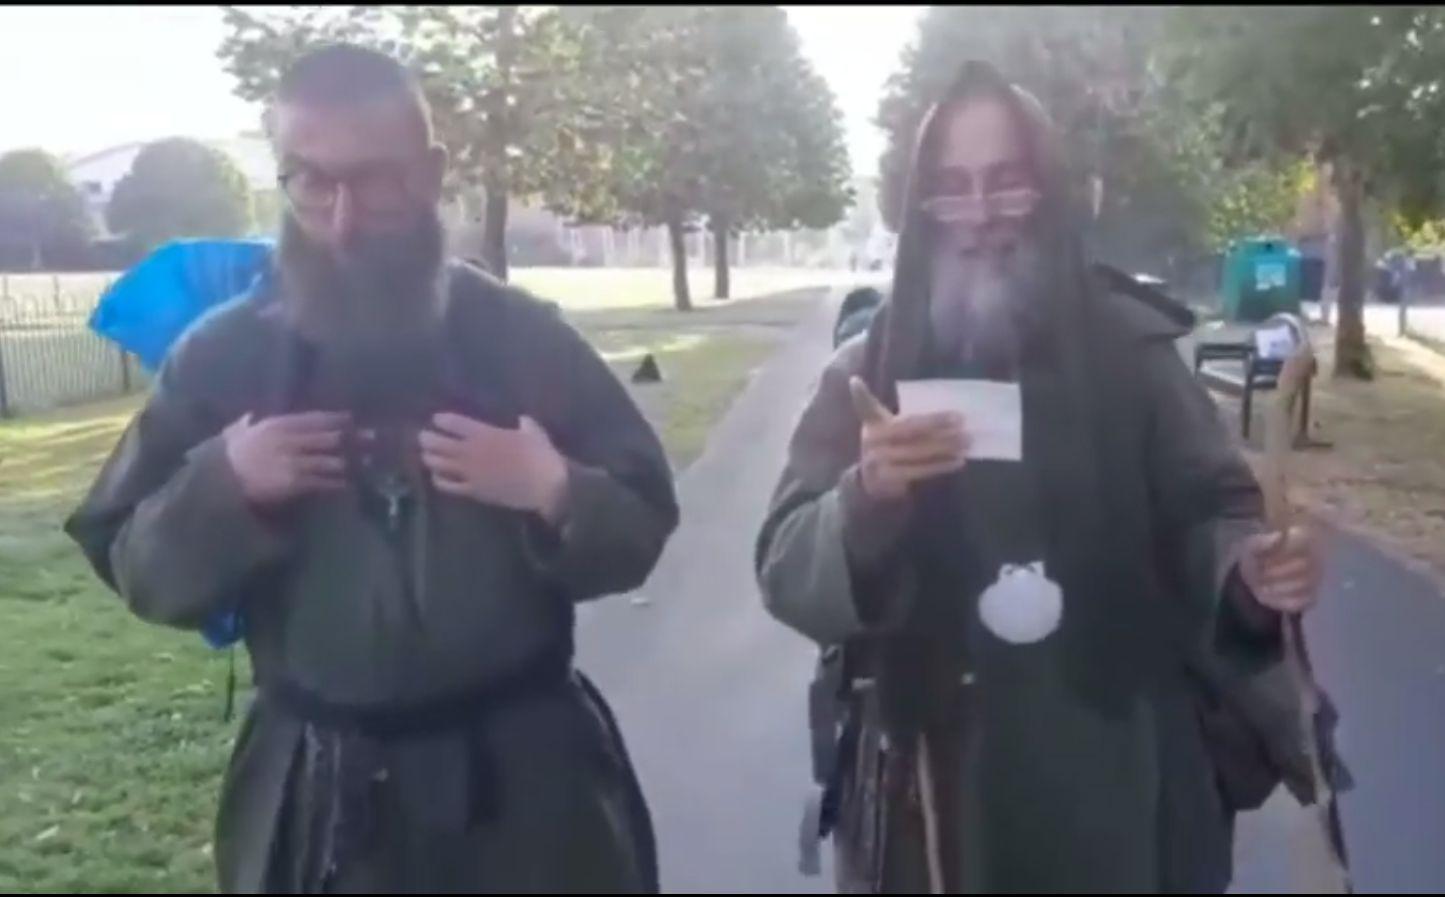 Doi călugări italieni merg de la Londra până în Dublin, pe jos. Ţin post negru și beau numai apă